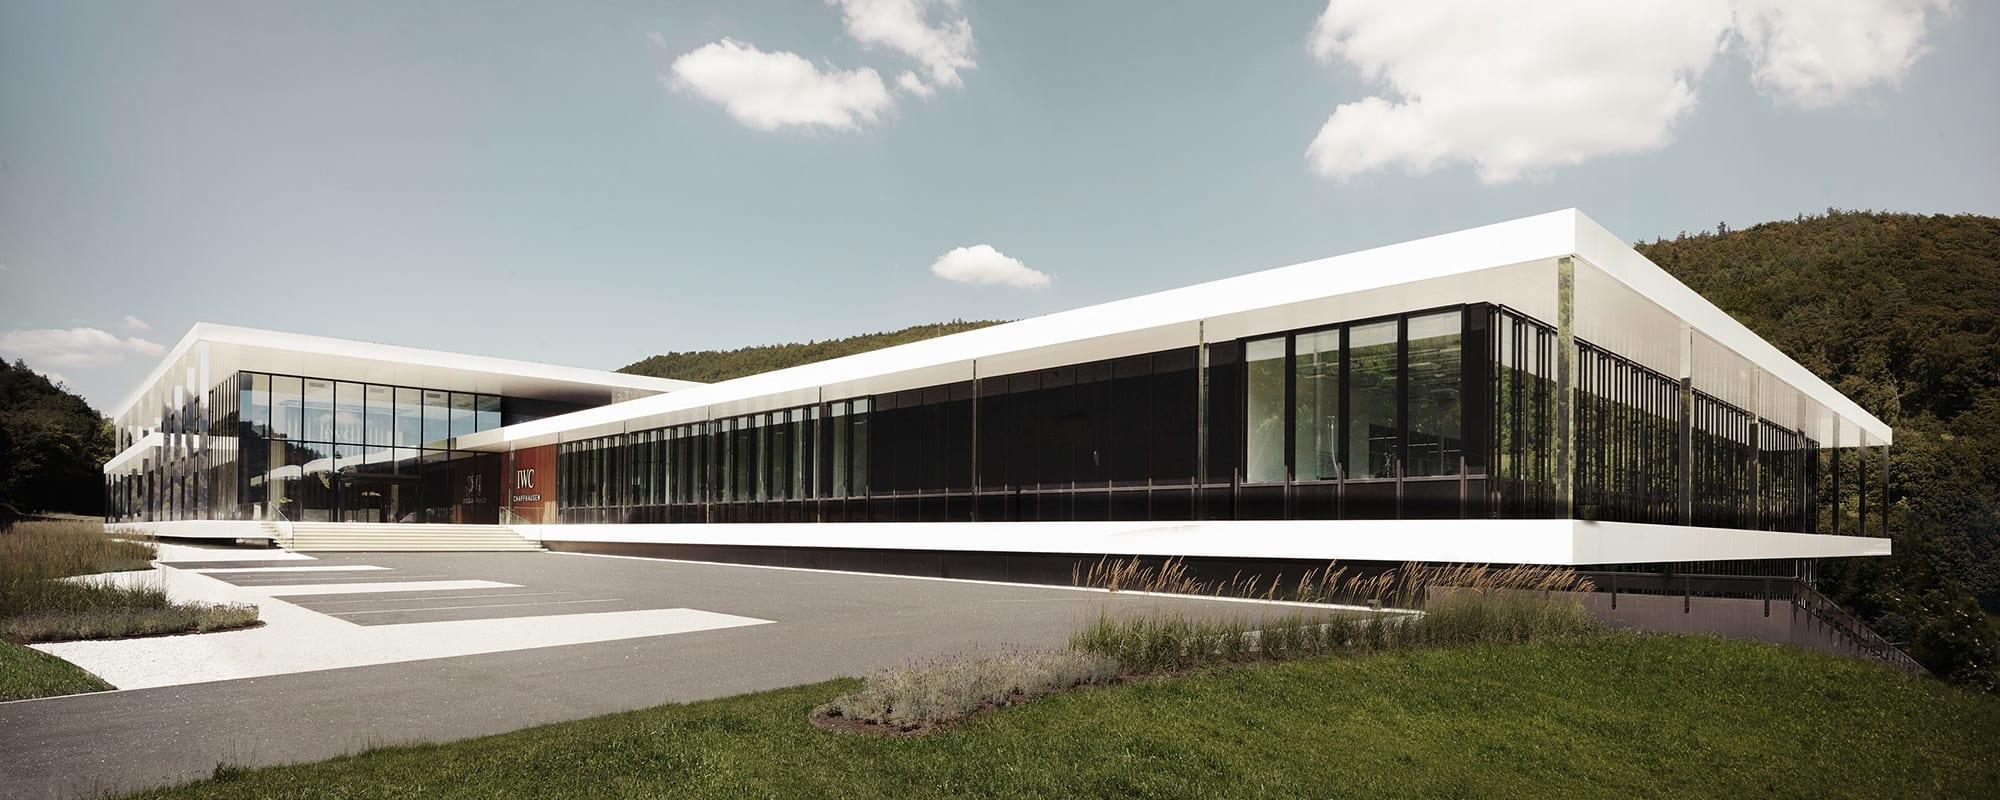 IWC, Manufakturzentrum, Uhren, Schaffhausen, Schweiz